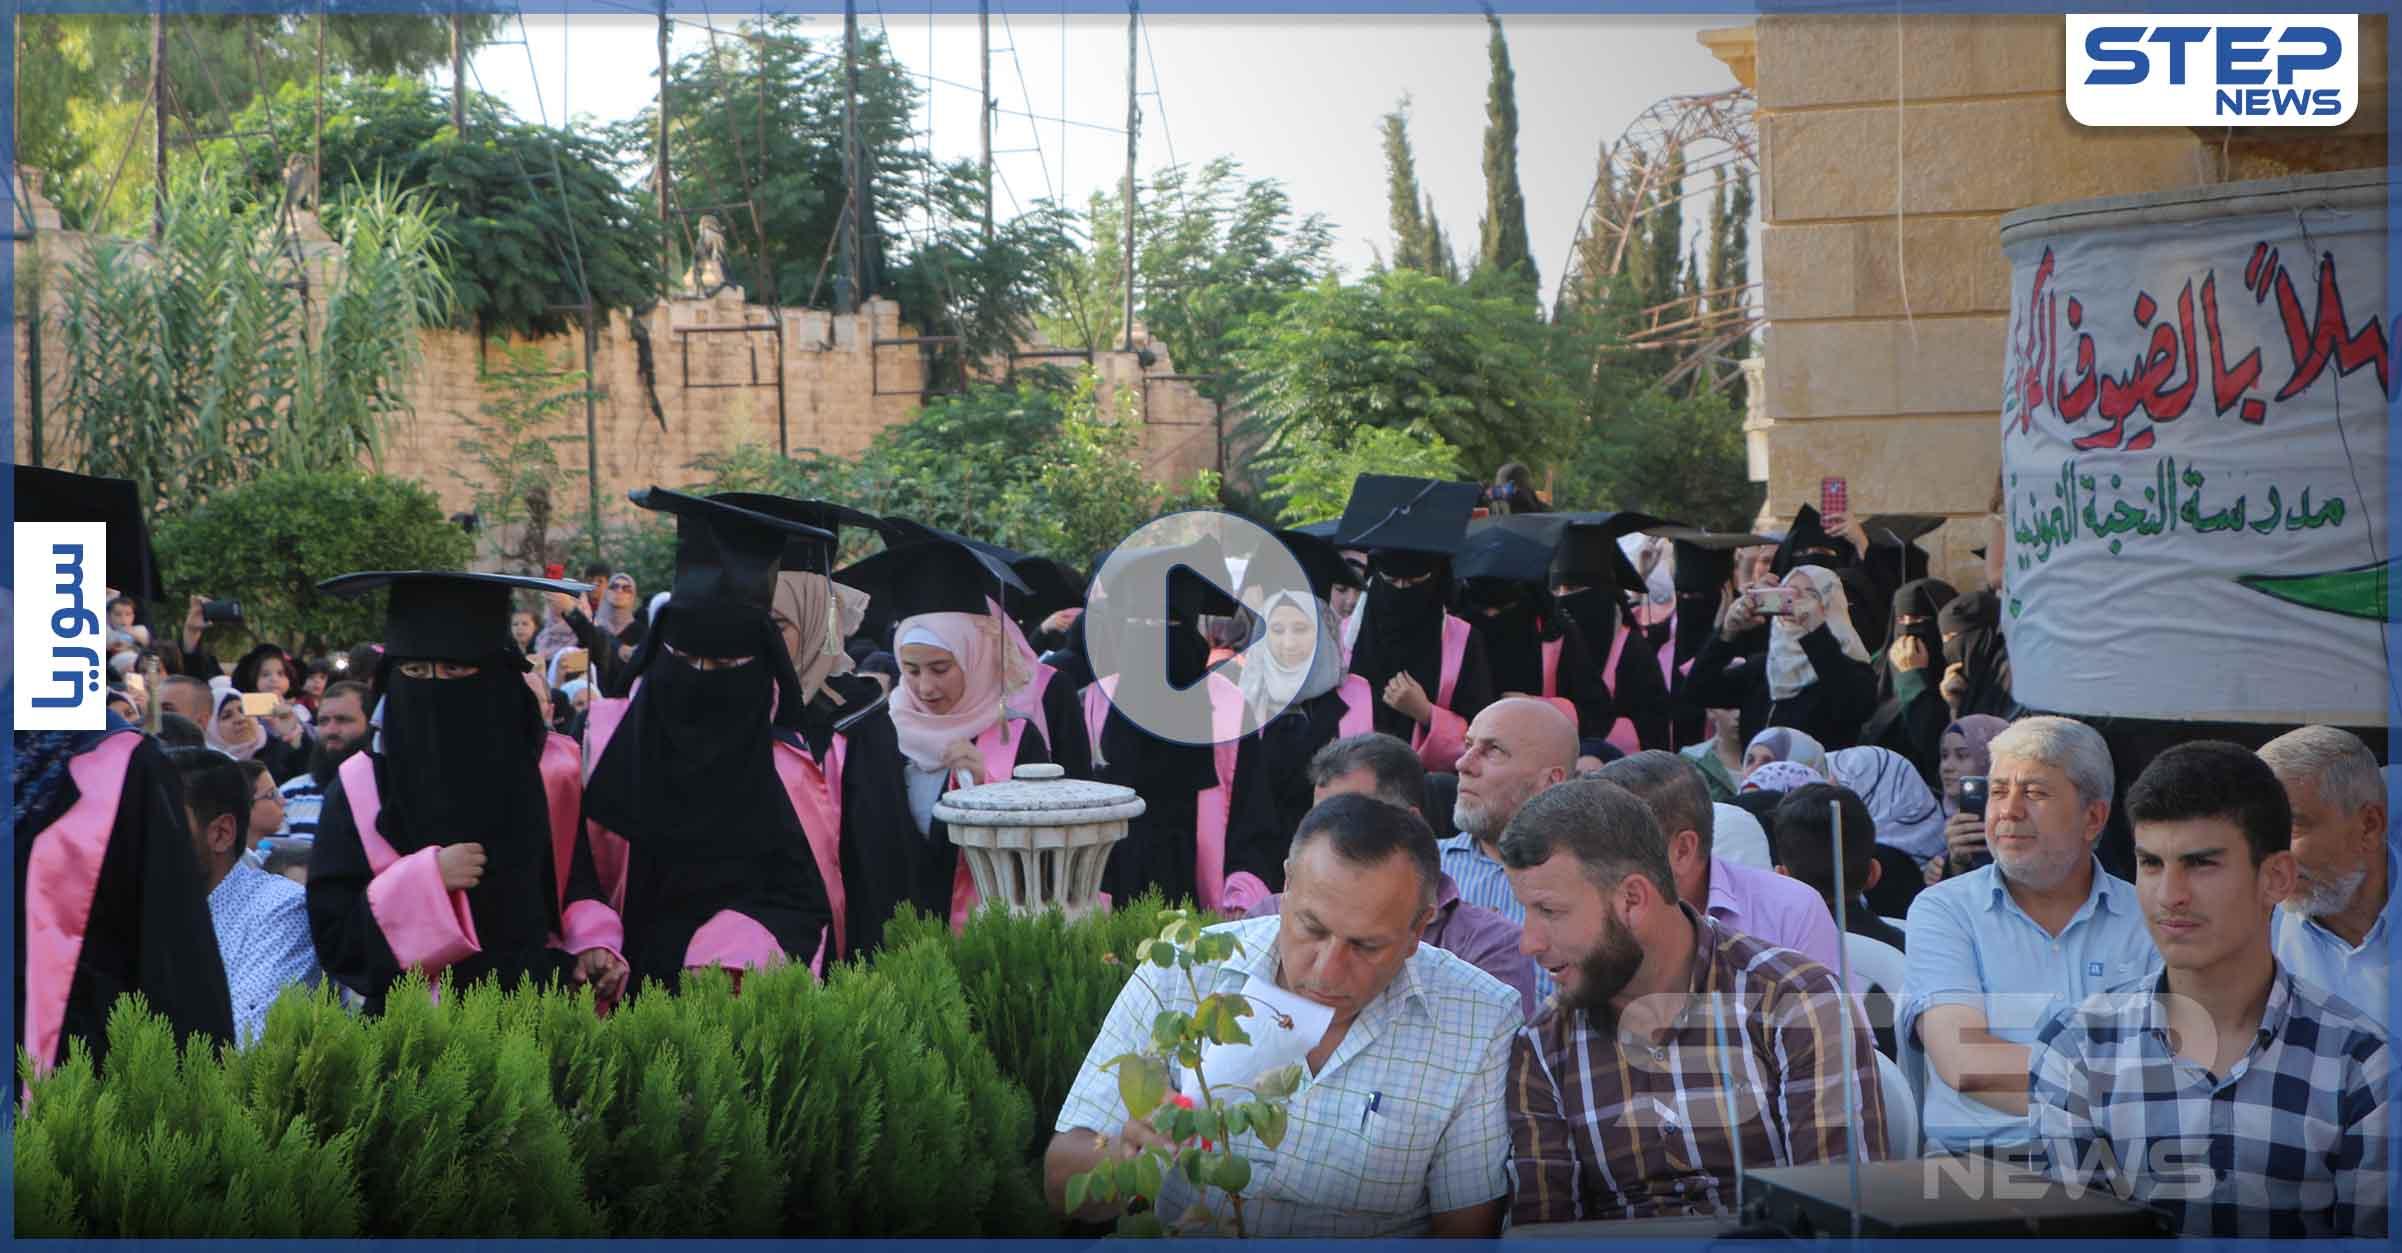 حفل تكريم للطلاب المتفوقين بشهادتي التعليم الإعدادية والثانوية في مدينة بنش شرق إدلب